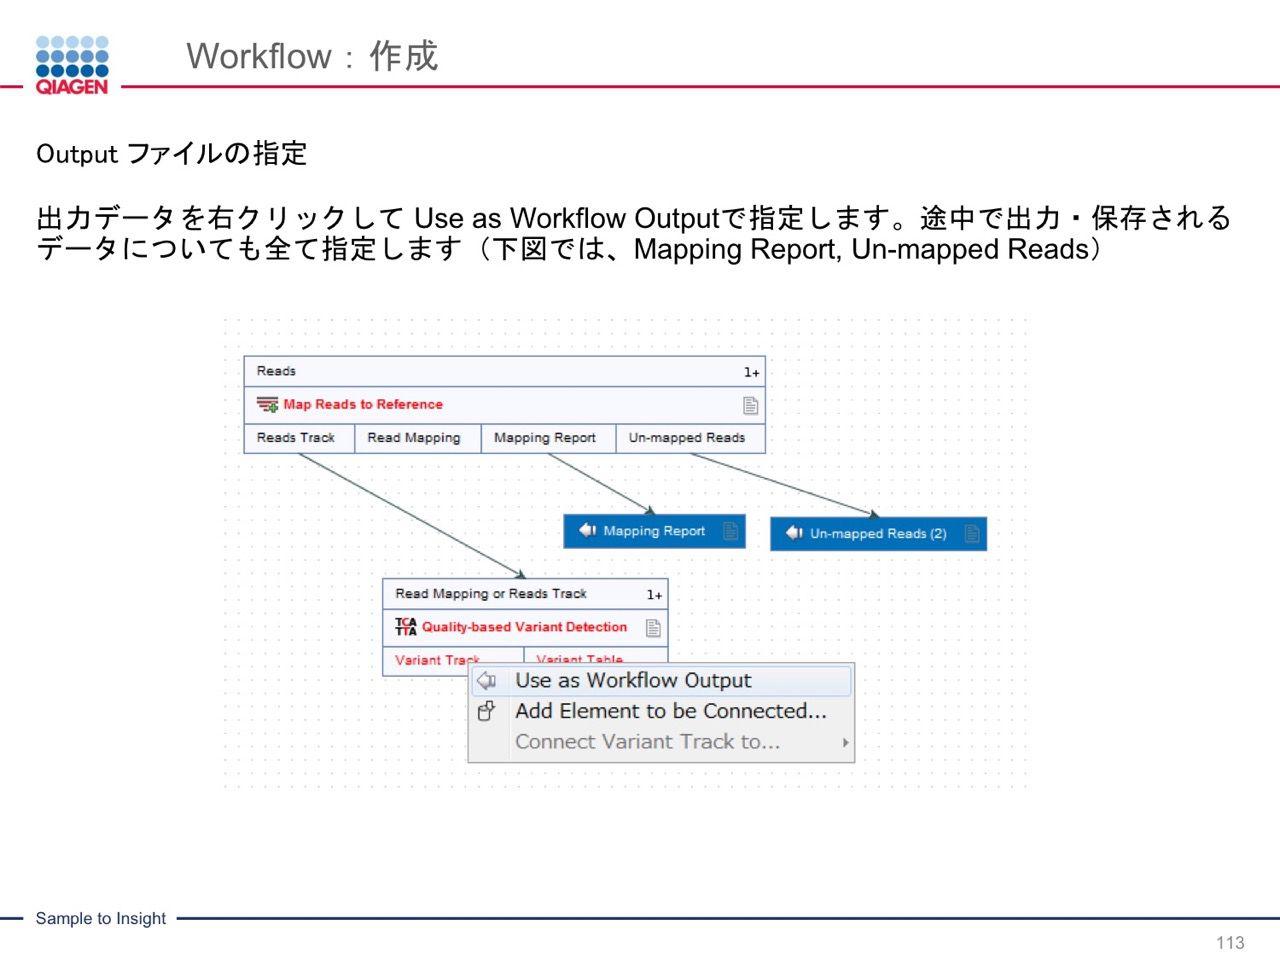 images/AJACSa2_miyamoto_113.jpg